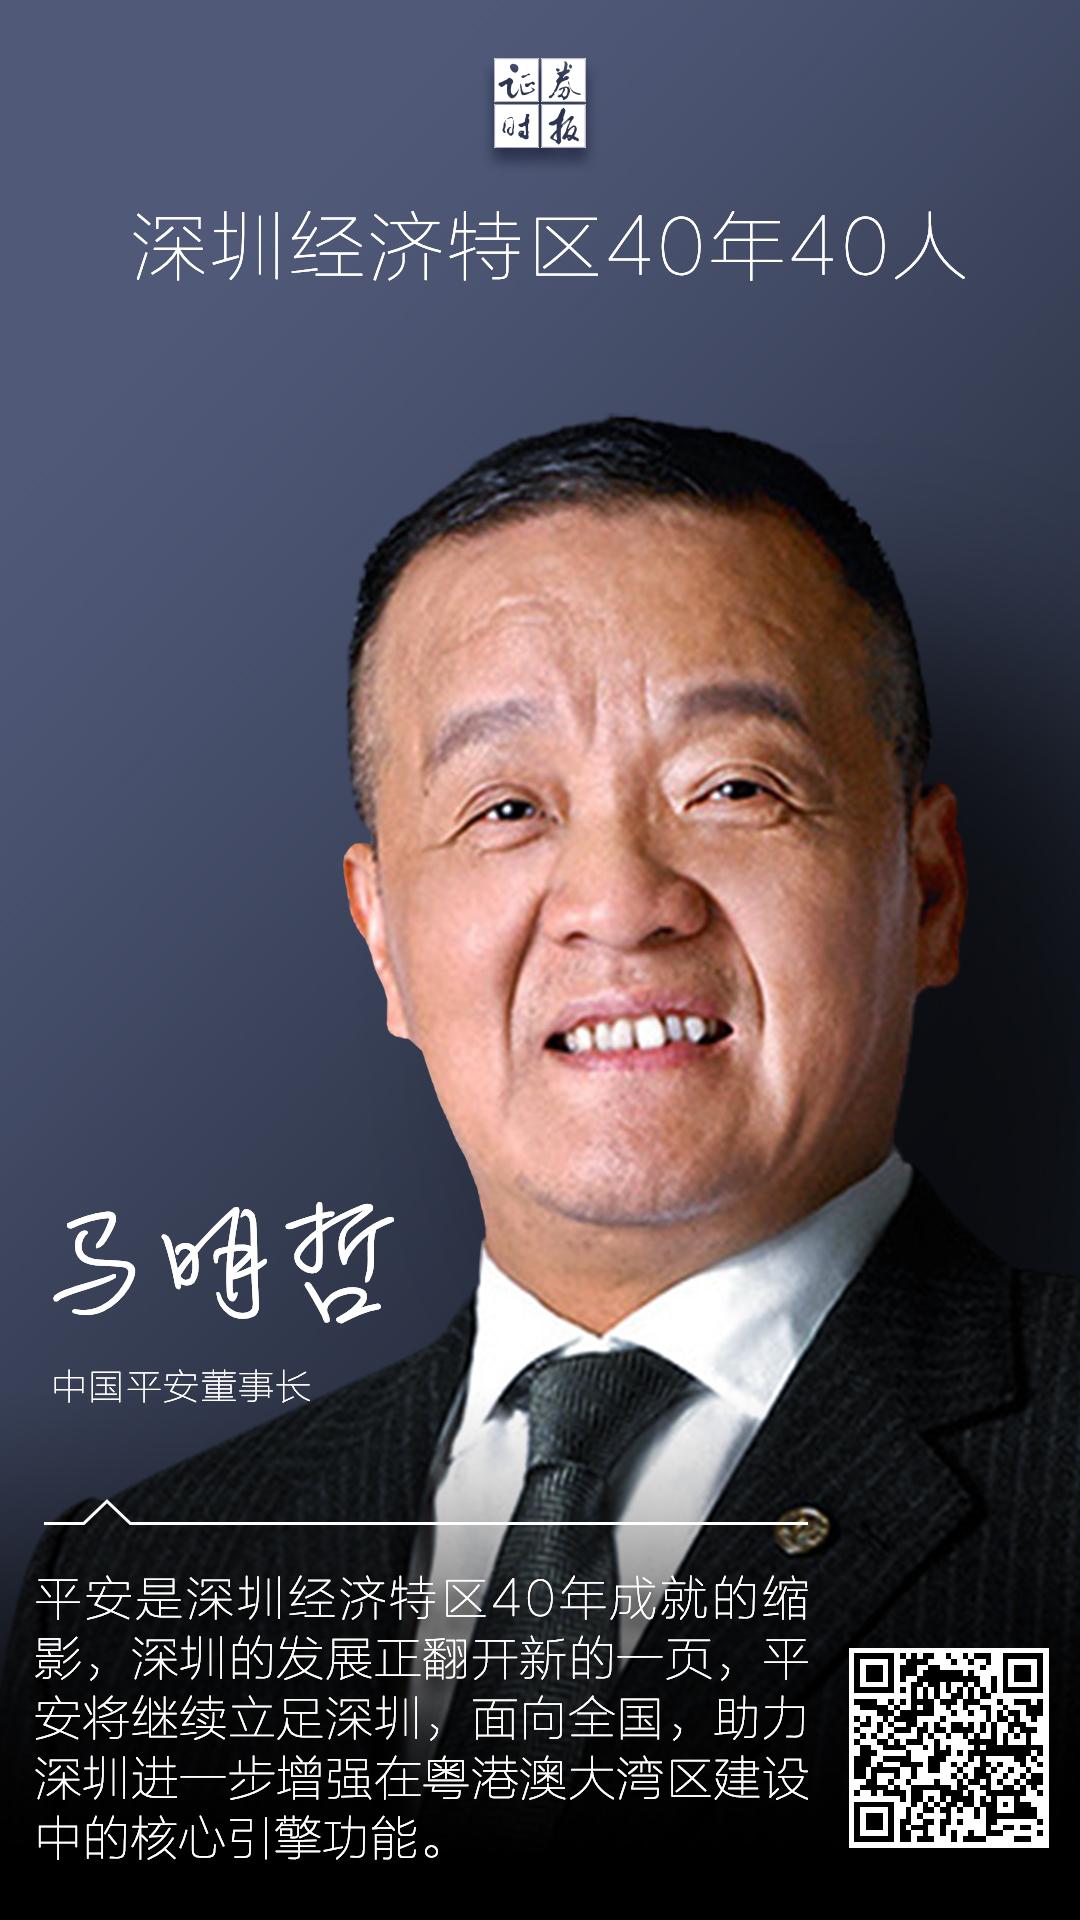 【组图】深圳40年40人,一人一句话寄语深圳